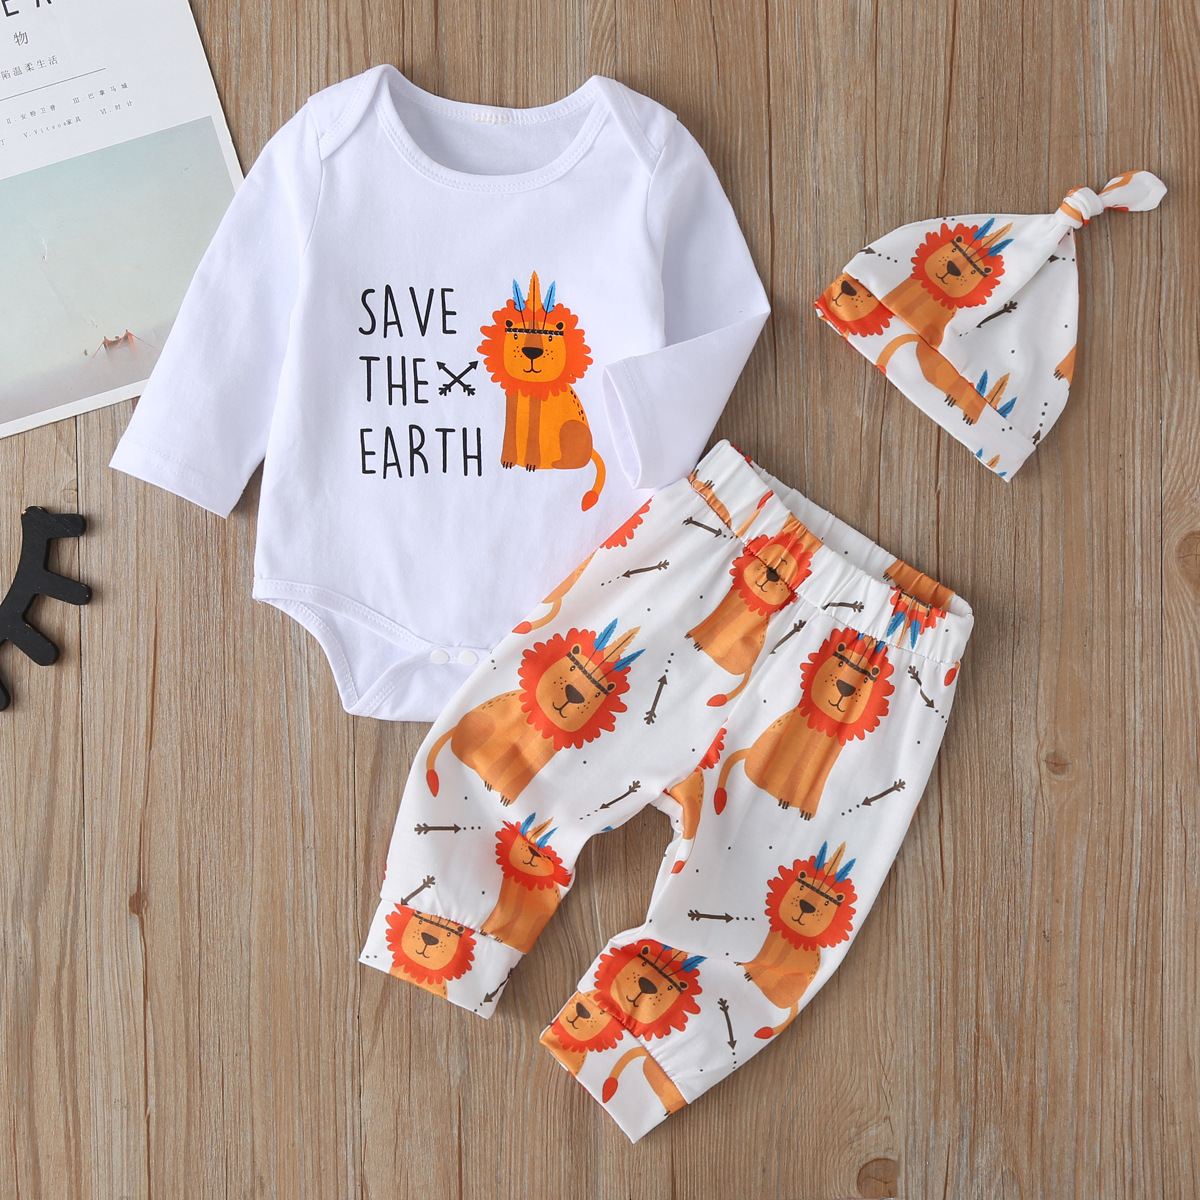 2021 New Newborn Spring Autumn Boys Girls Cotton Long Sleeve Line Sets Kids Clothes Tracksuit Baby T-Shirt Pants Hat 3 Pcs/Suit